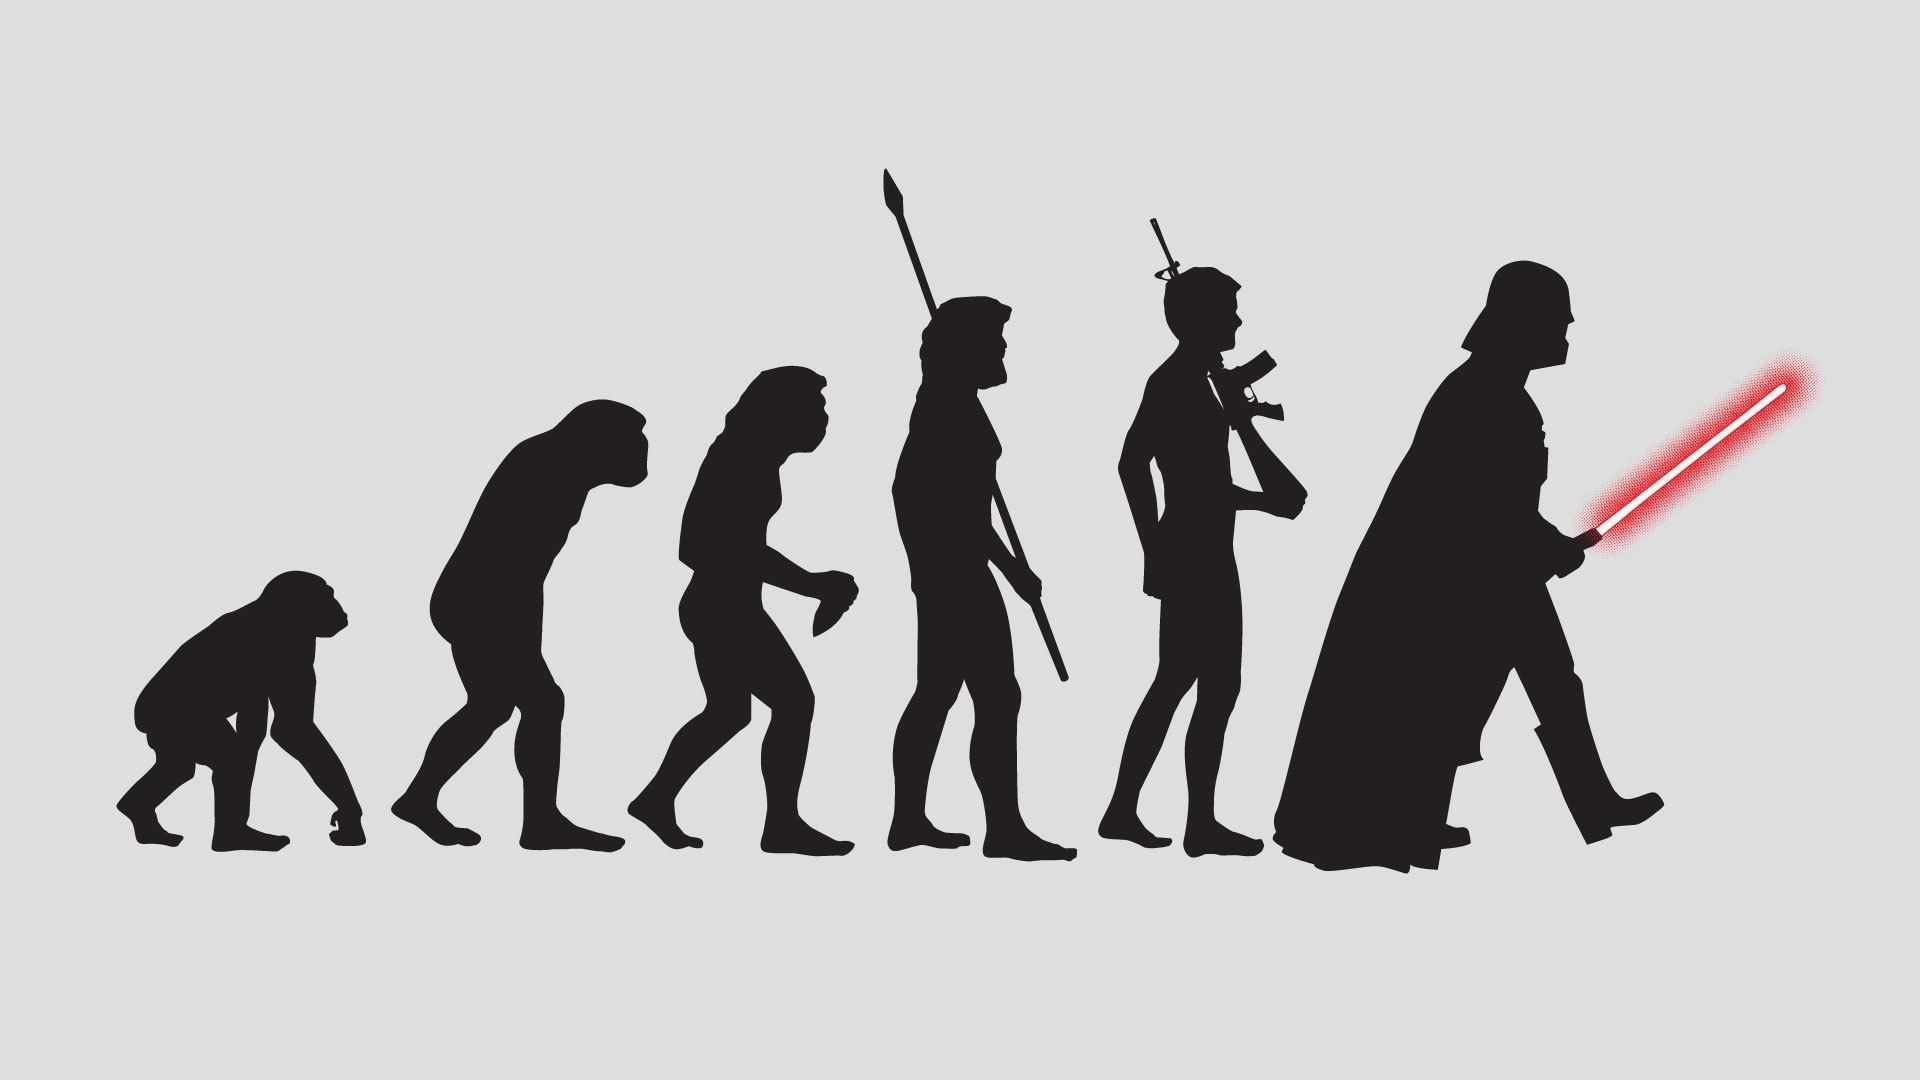 Открытки, прикольная картинка эволюции человека